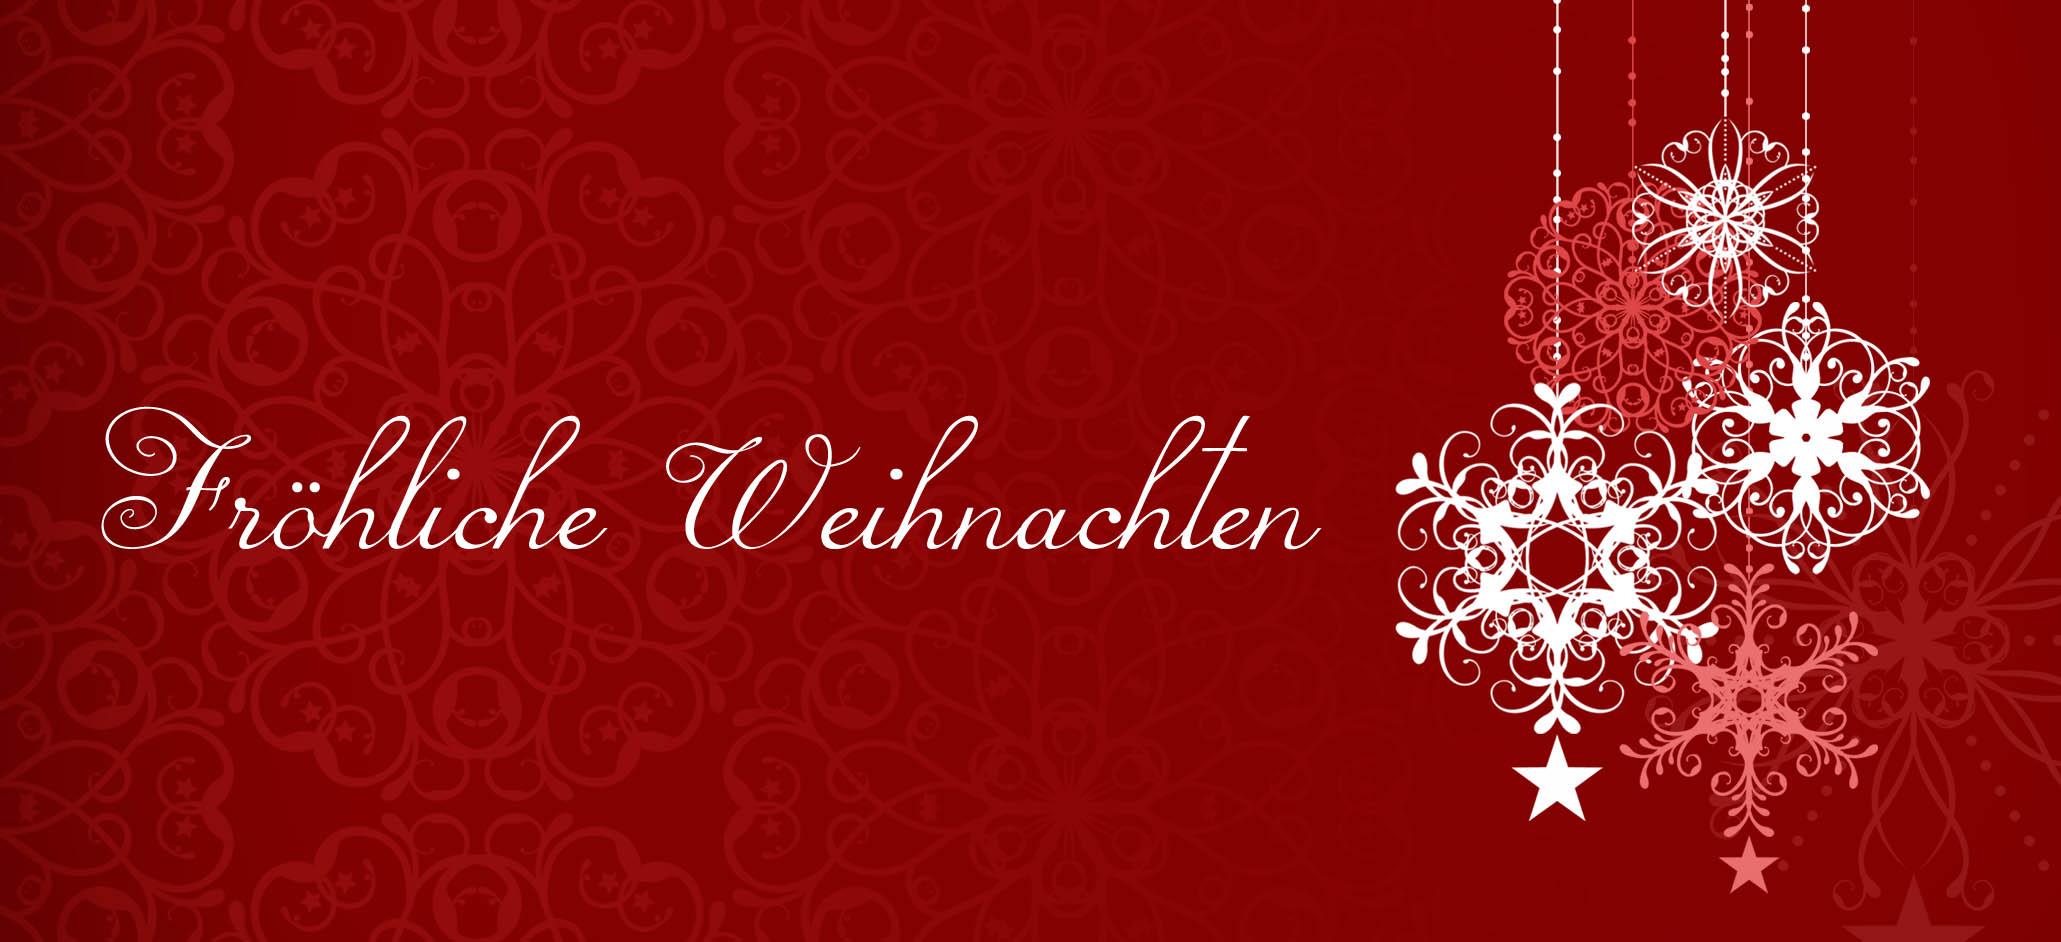 Frohe Weihnachten | Tierschutzverein Neuss e. V.